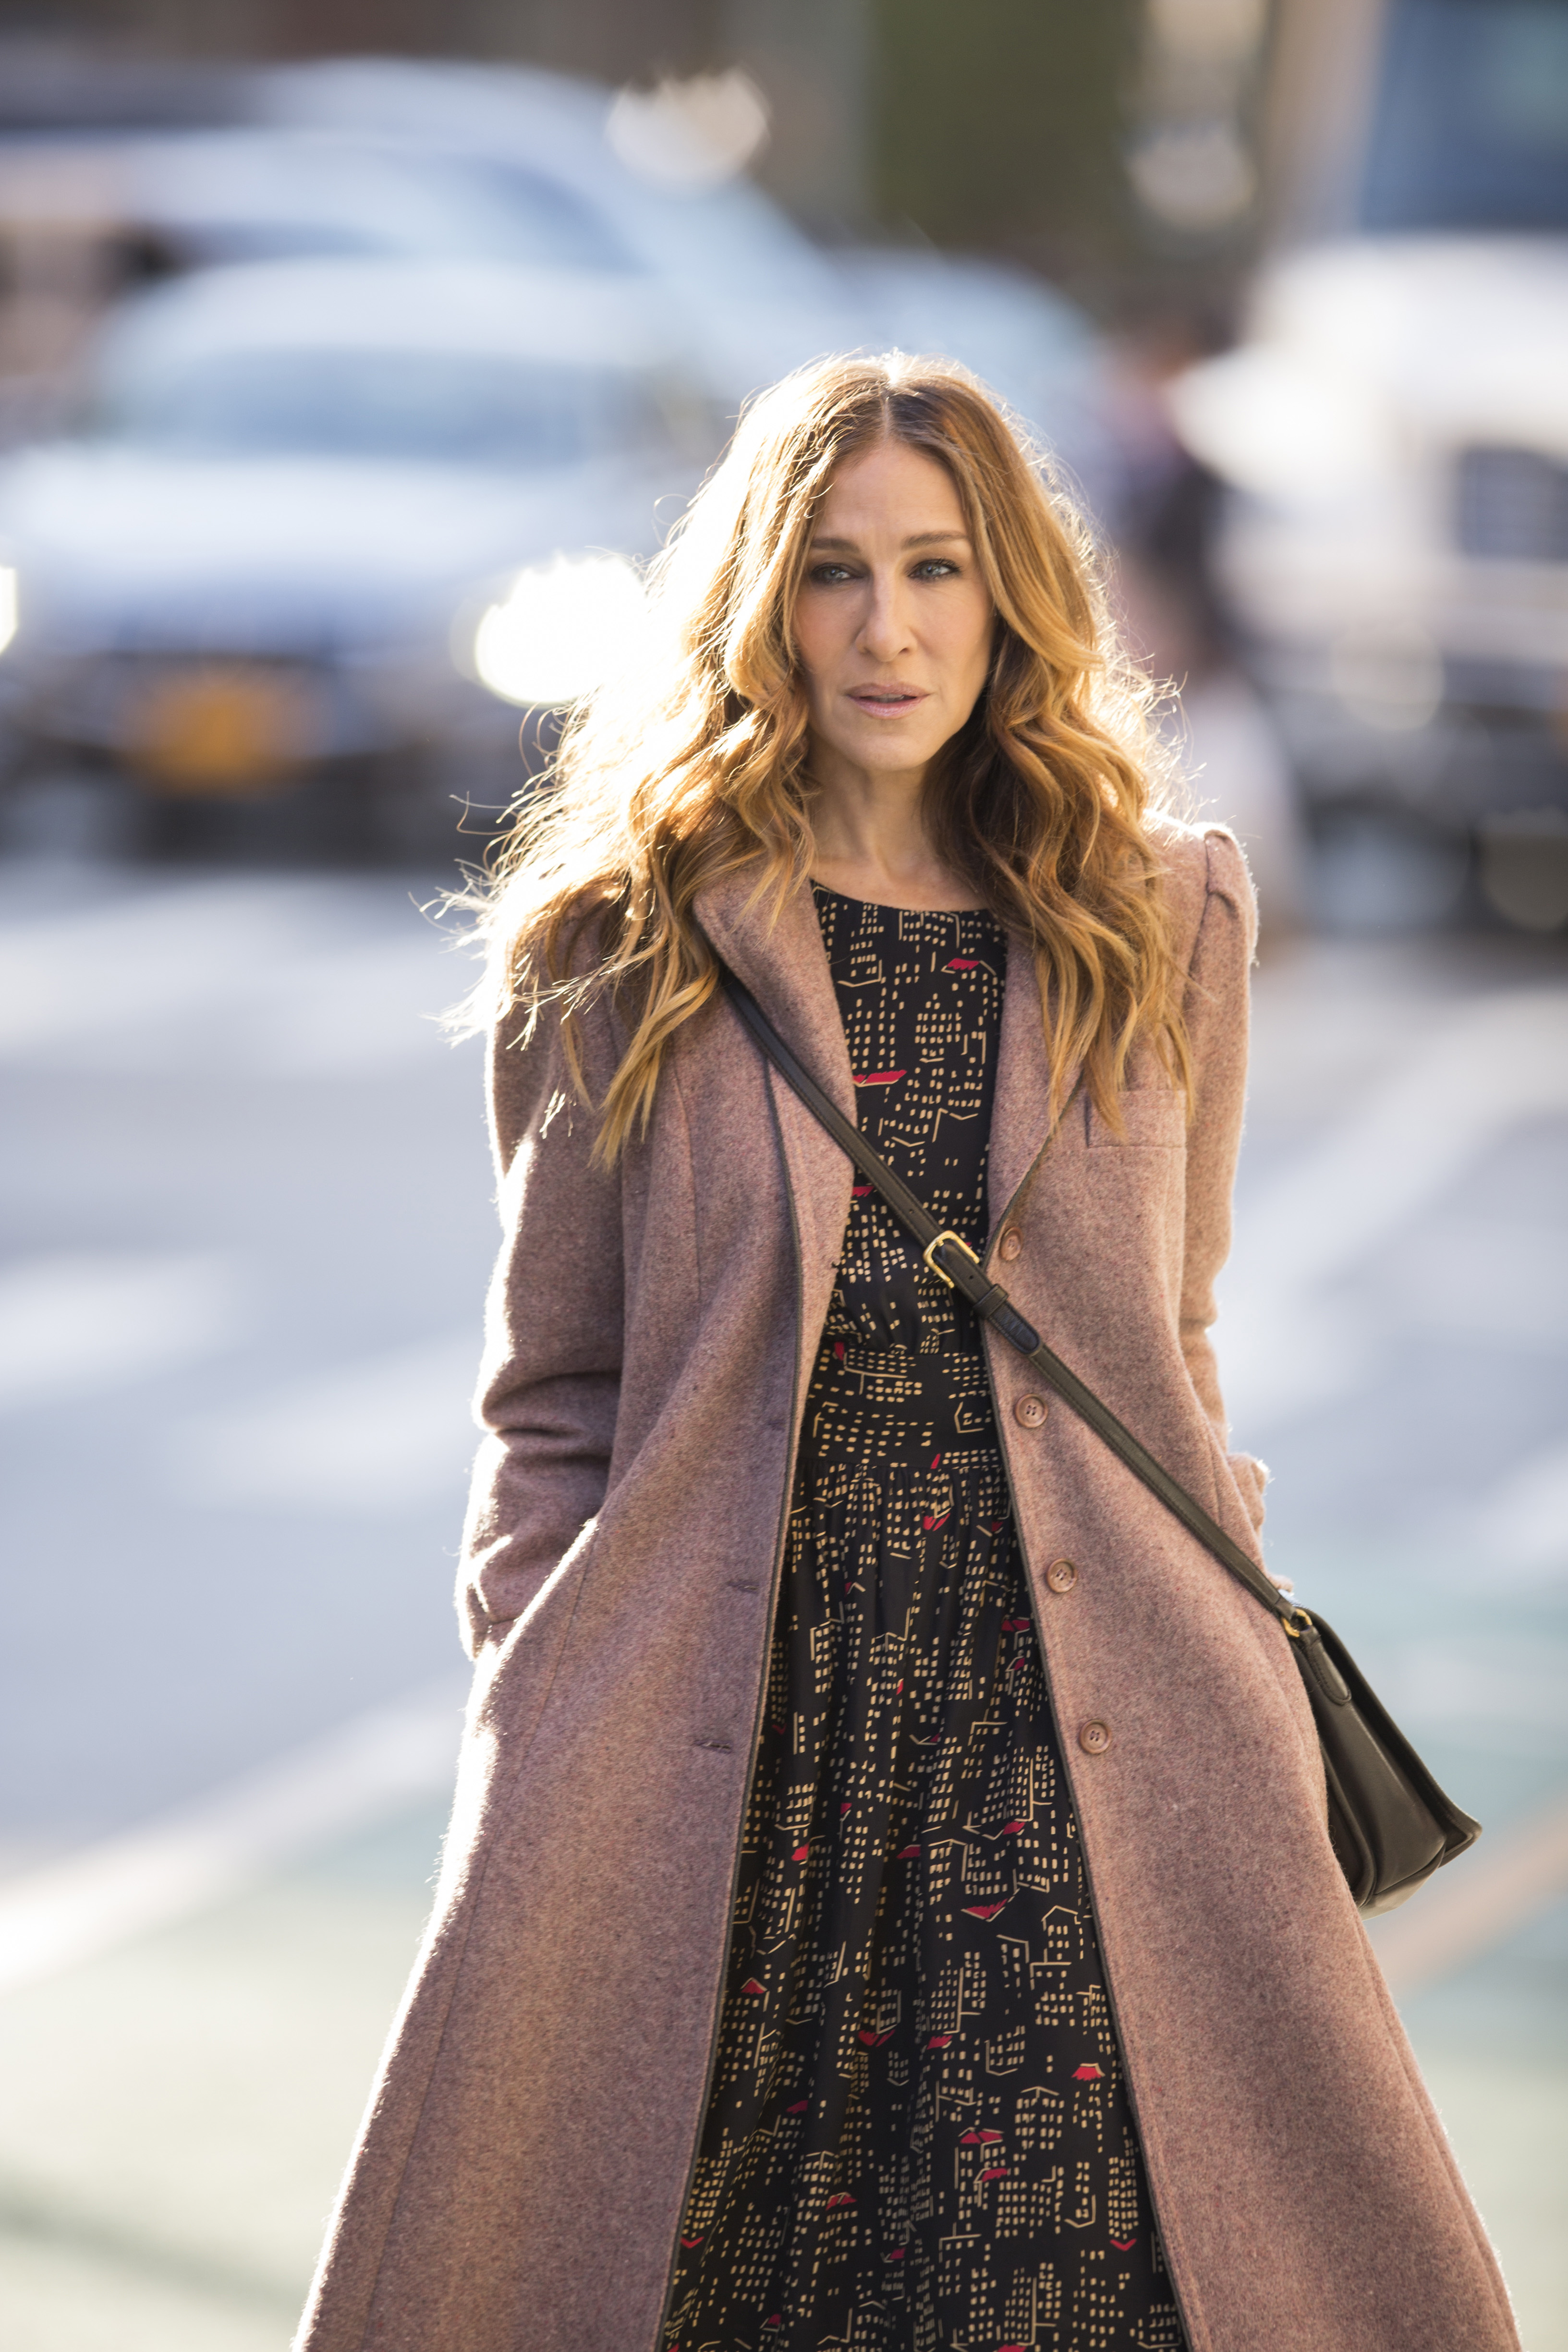 Sarah Jessica Parker in HBO's Divorce